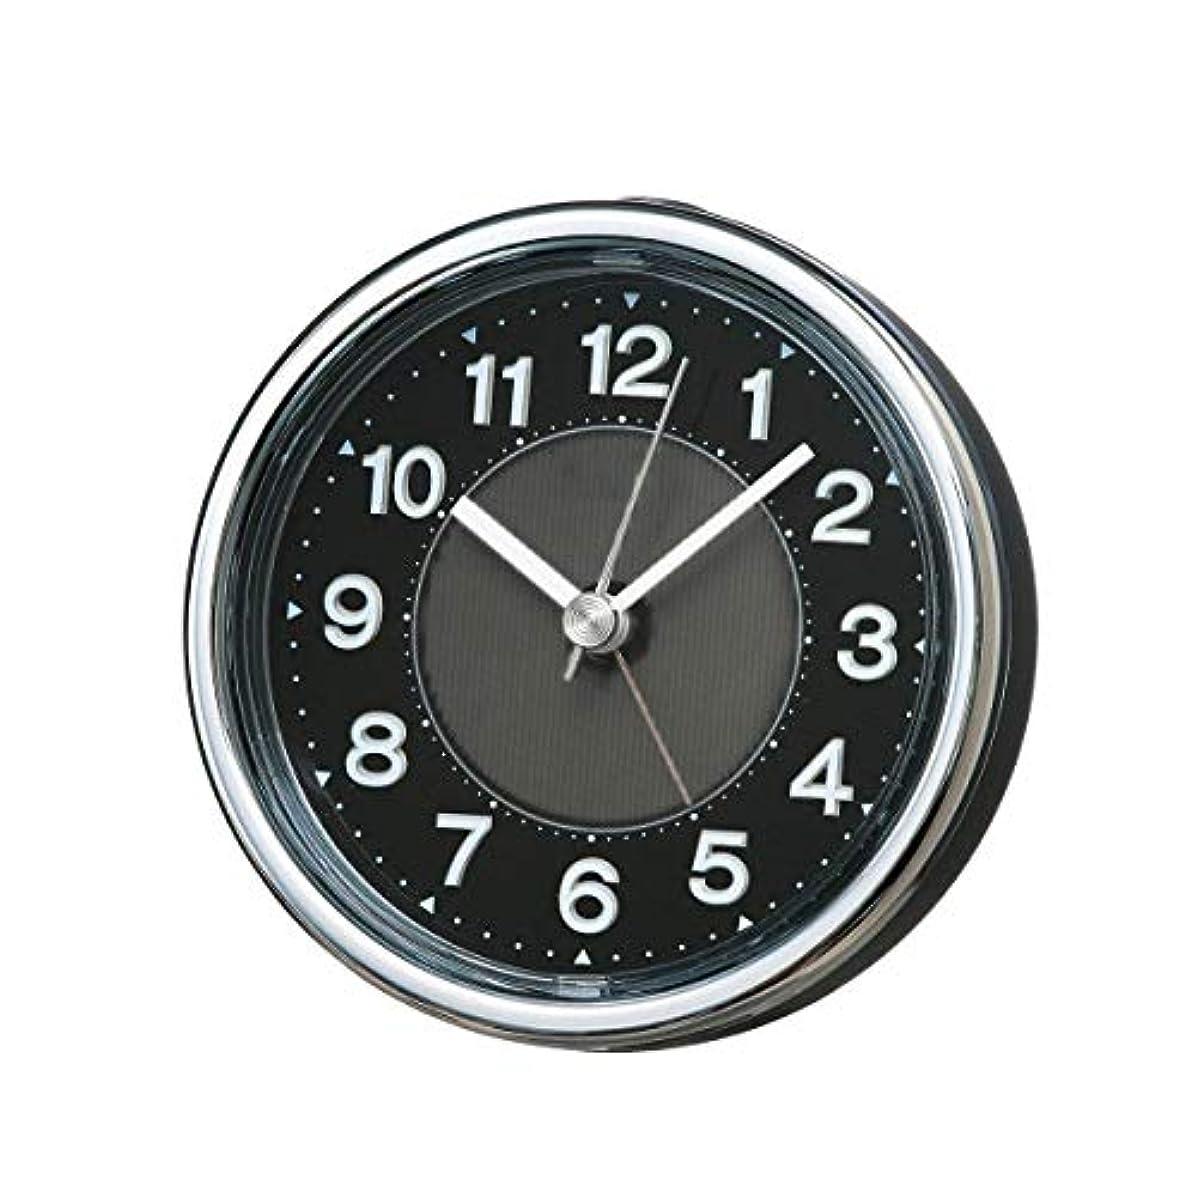 南極乙女放棄RMXMY シンプルな雰囲気の家の創造的な多機能の寝室のベッドサイドのシミュレーションバックライト人格スタイリッシュな小さな目覚まし時計(ブラック)